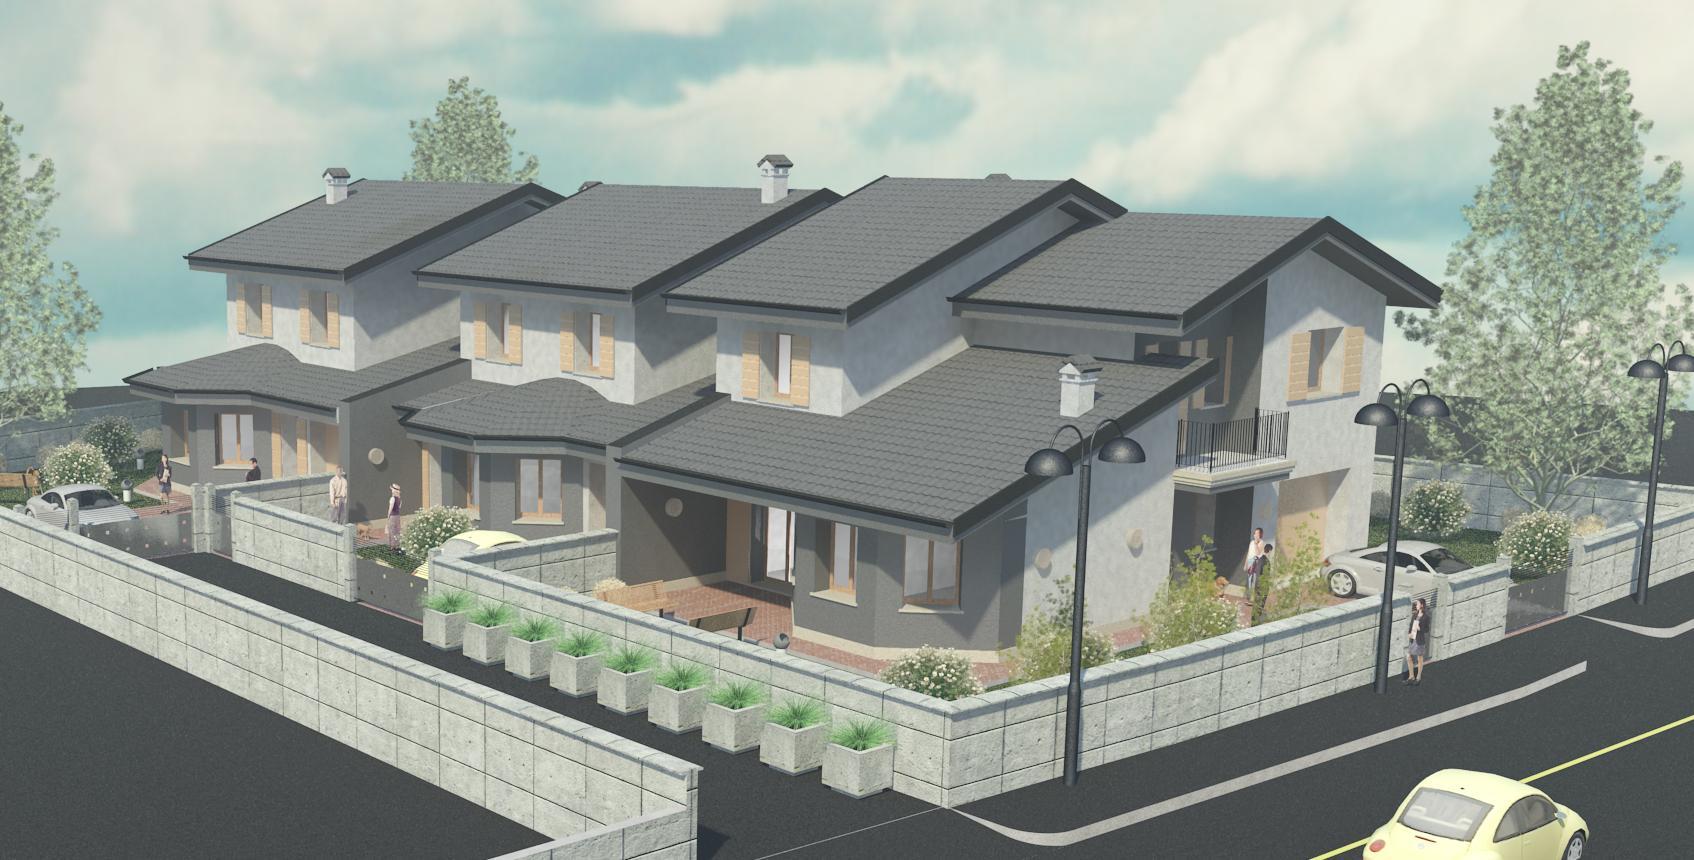 Edil crea padana s r l render edilcrea for Villette progetti